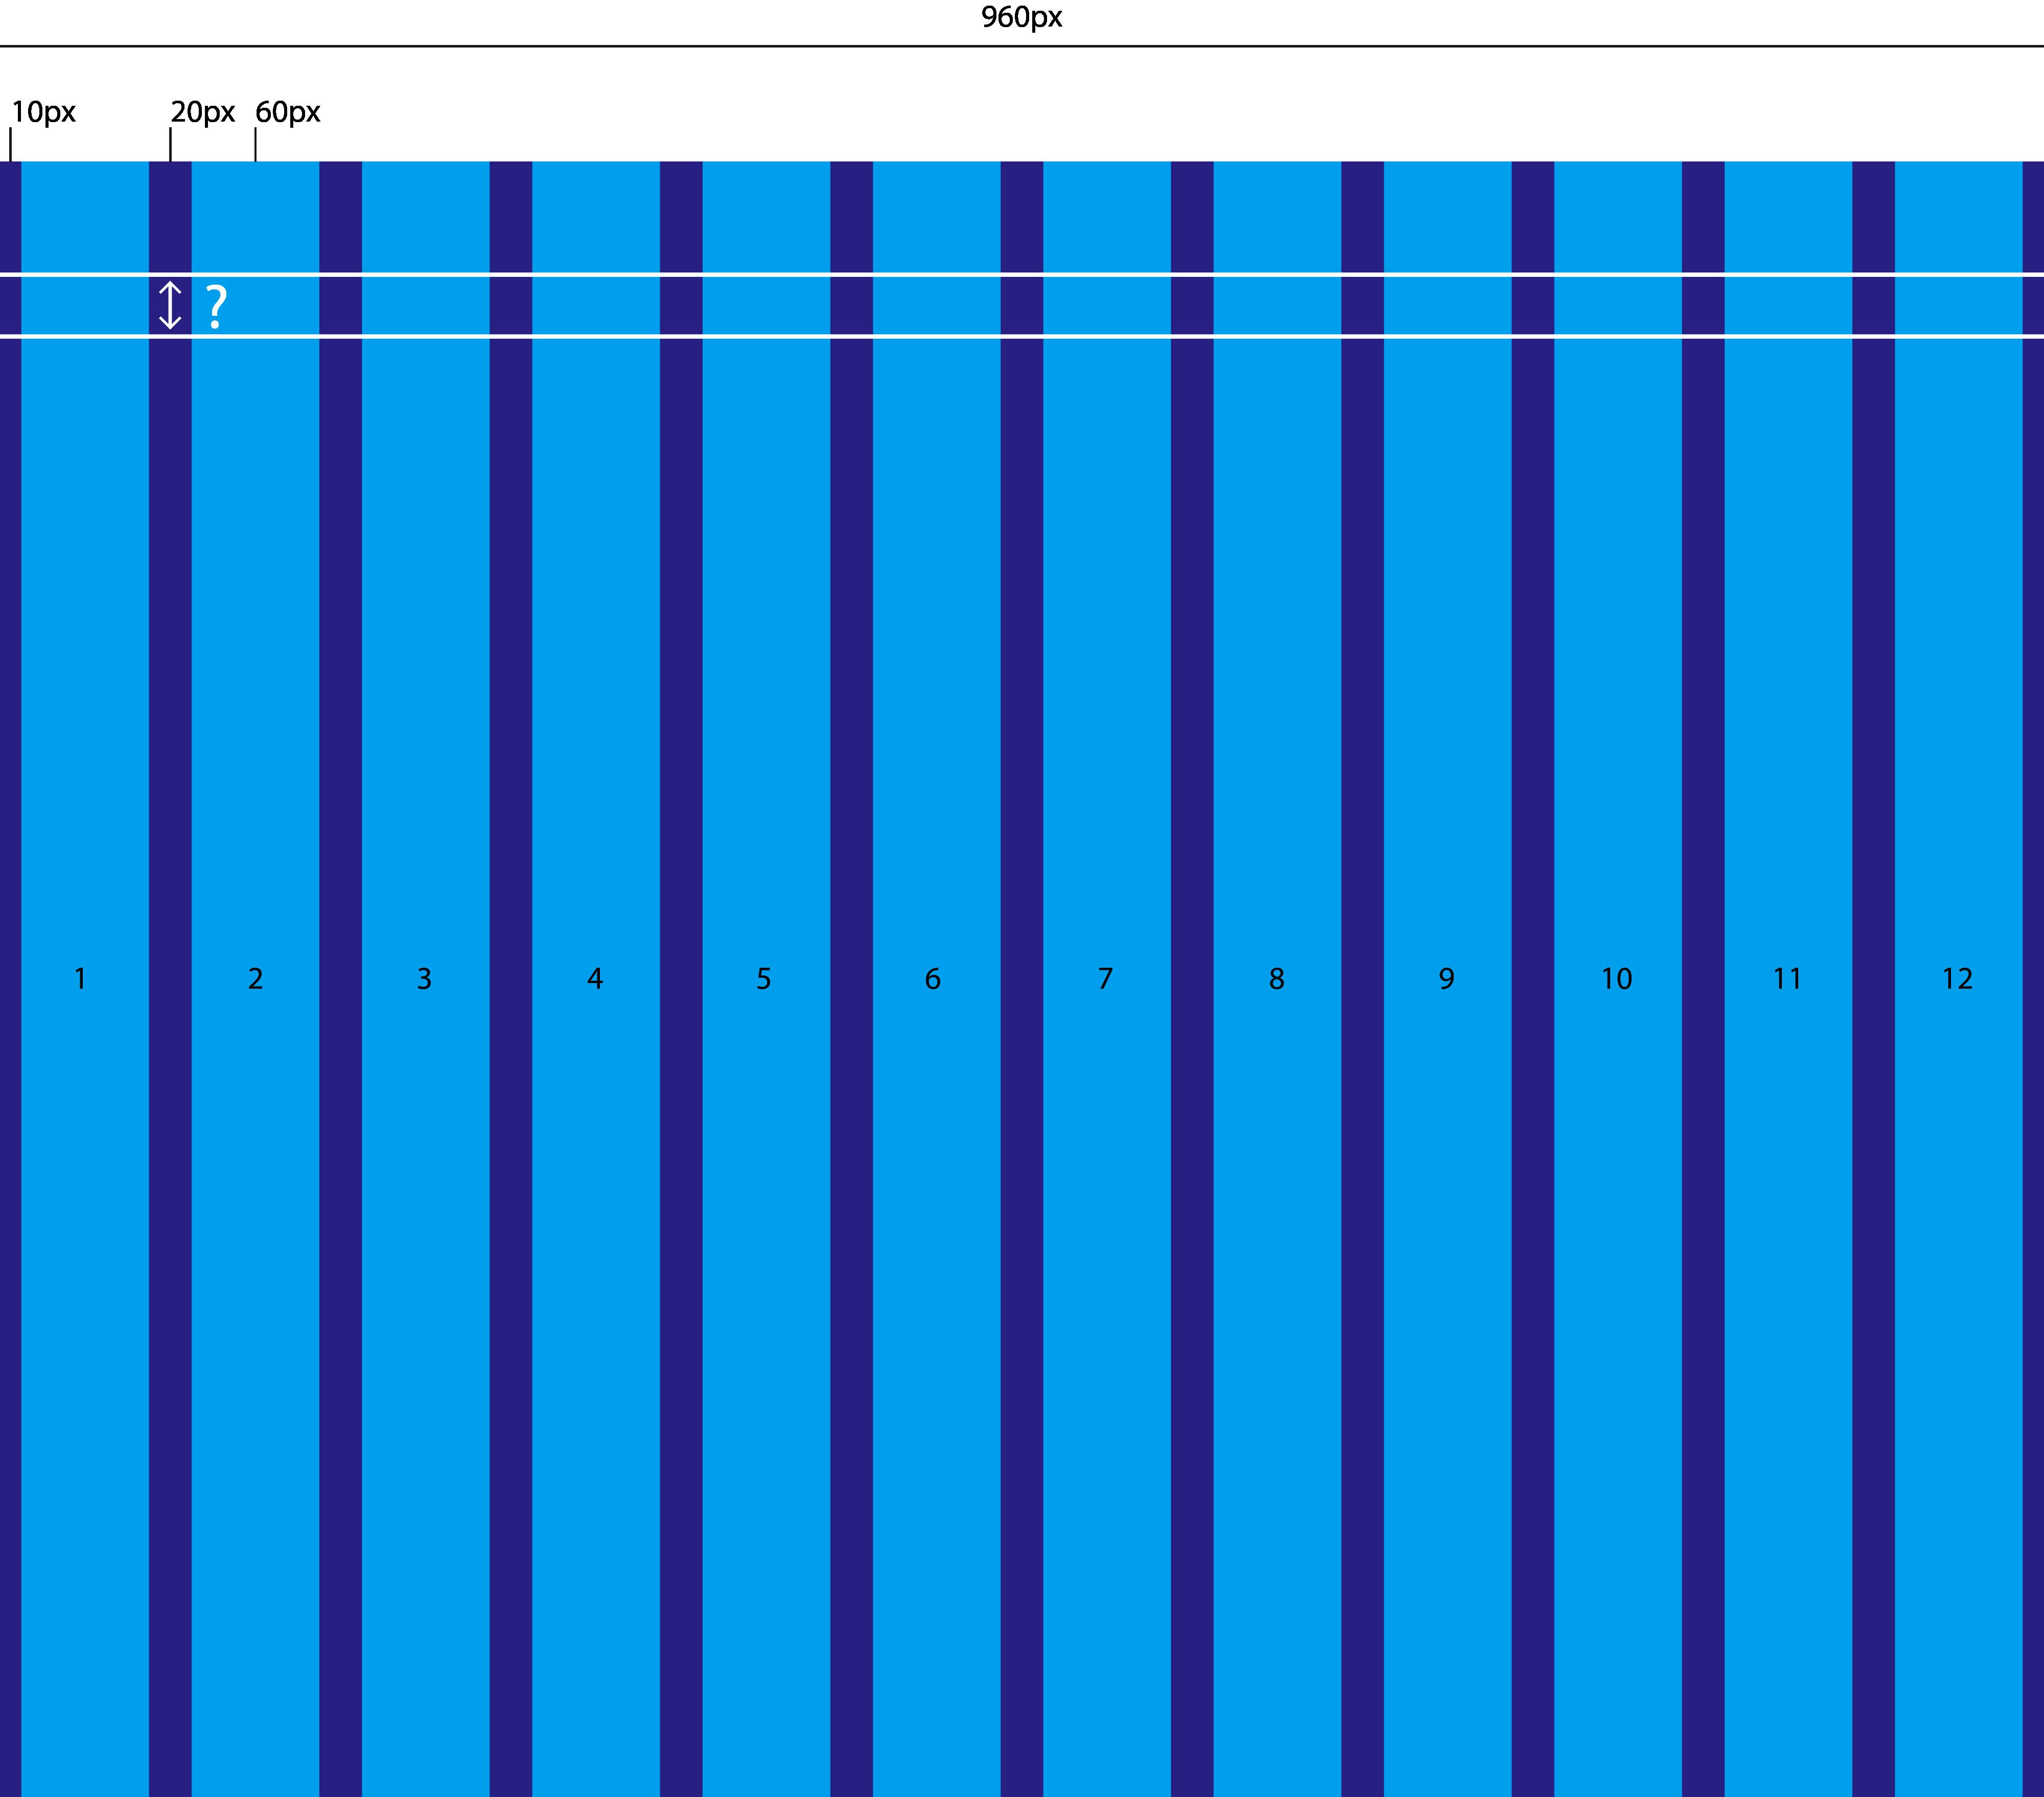 компьютерные столы ск-31 пк-групп инструкция по сборке